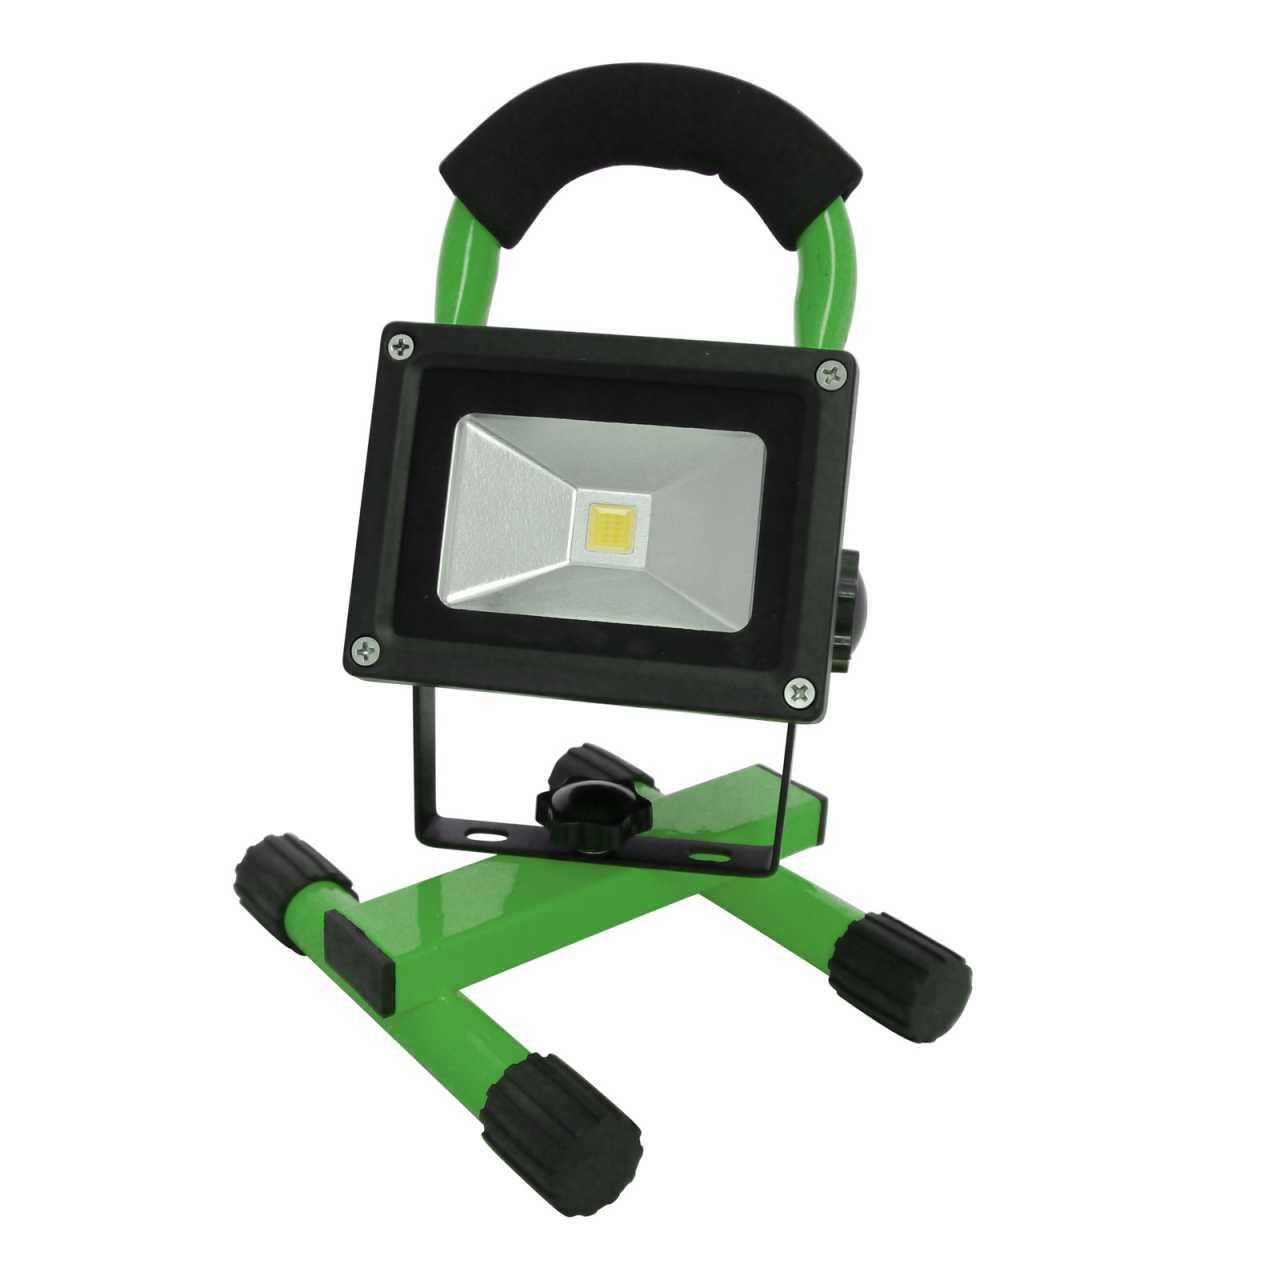 Grafner LED Baustrahler 10 Watt 2200 mAh Akku in Grün Flutlicht